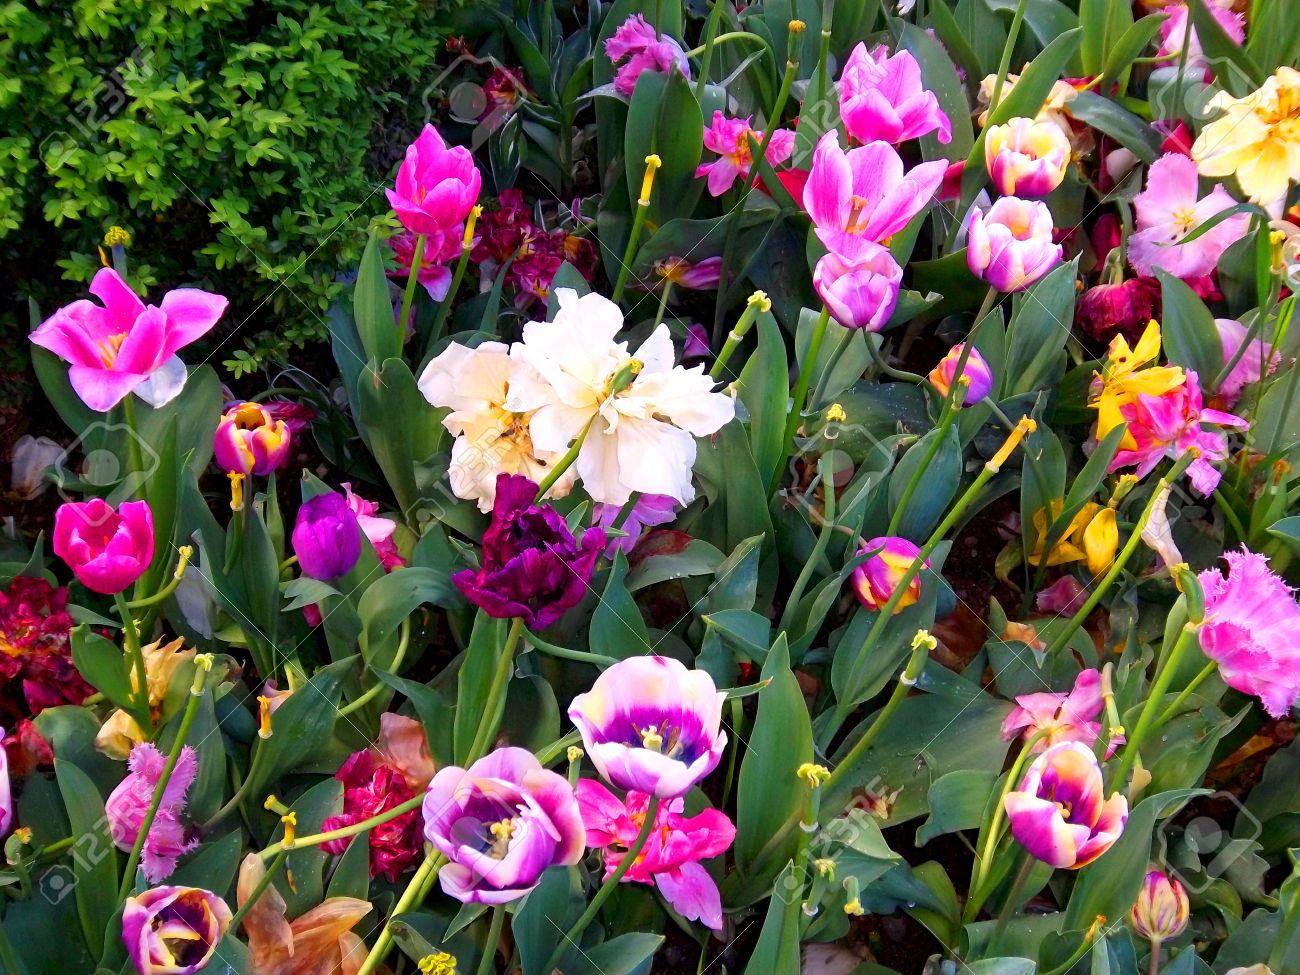 les belles fleurs du monde l 39 atelier des fleurs. Black Bedroom Furniture Sets. Home Design Ideas